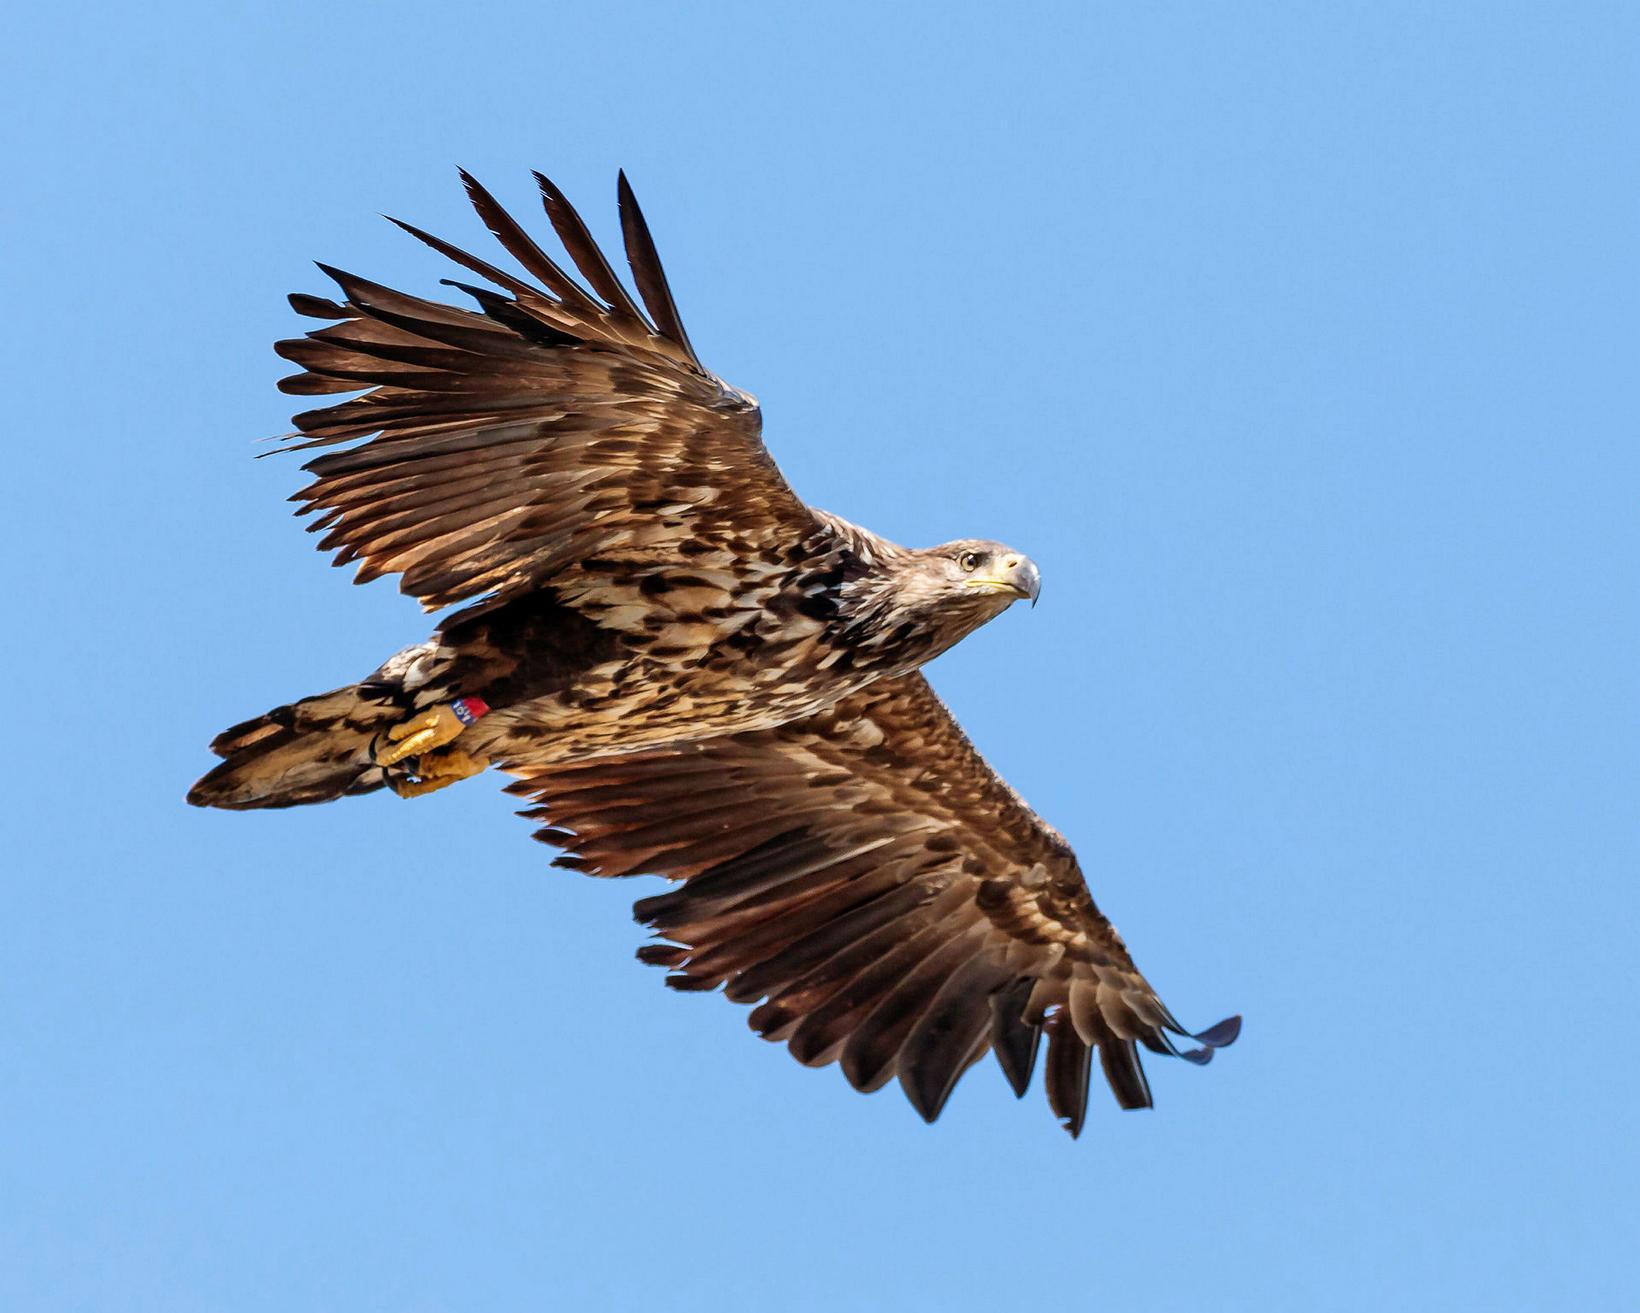 White-tailed eagle.